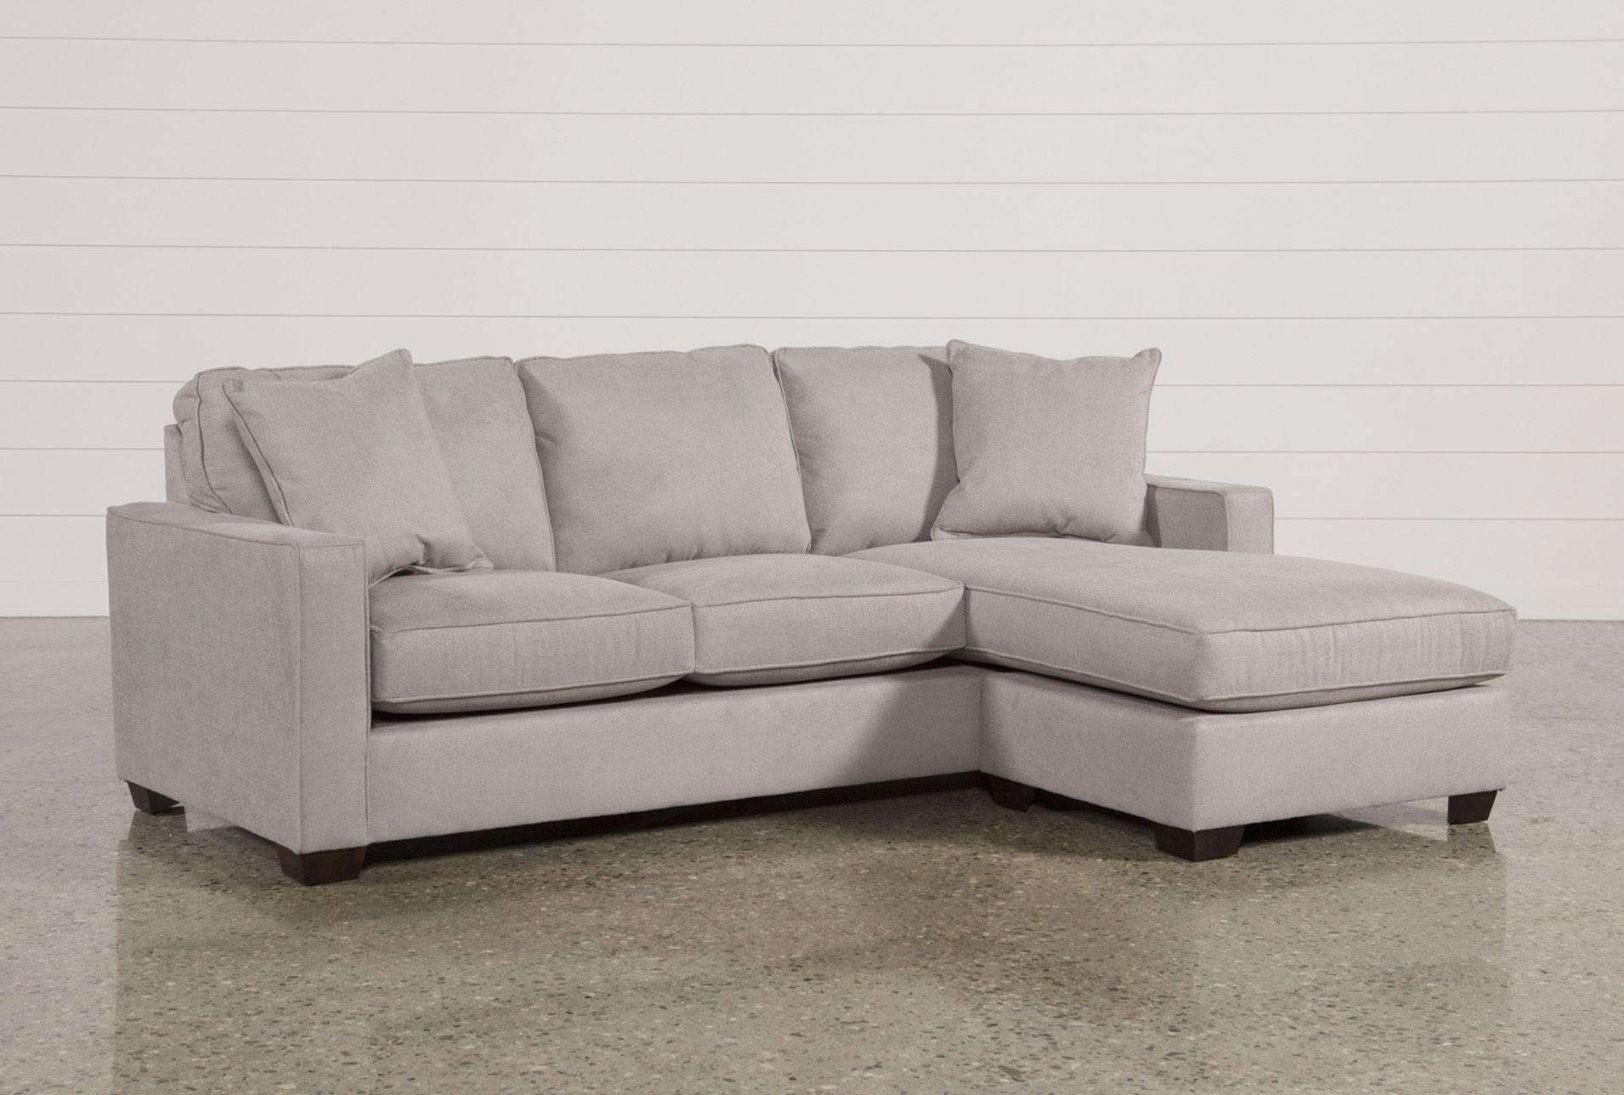 Couch Mit Bettfunktion Und Bettkasten Inspirierend 2 Sitzer Sofa Mit von 2 Sitzer Sofa Mit Schlaffunktion Bettkasten Bild